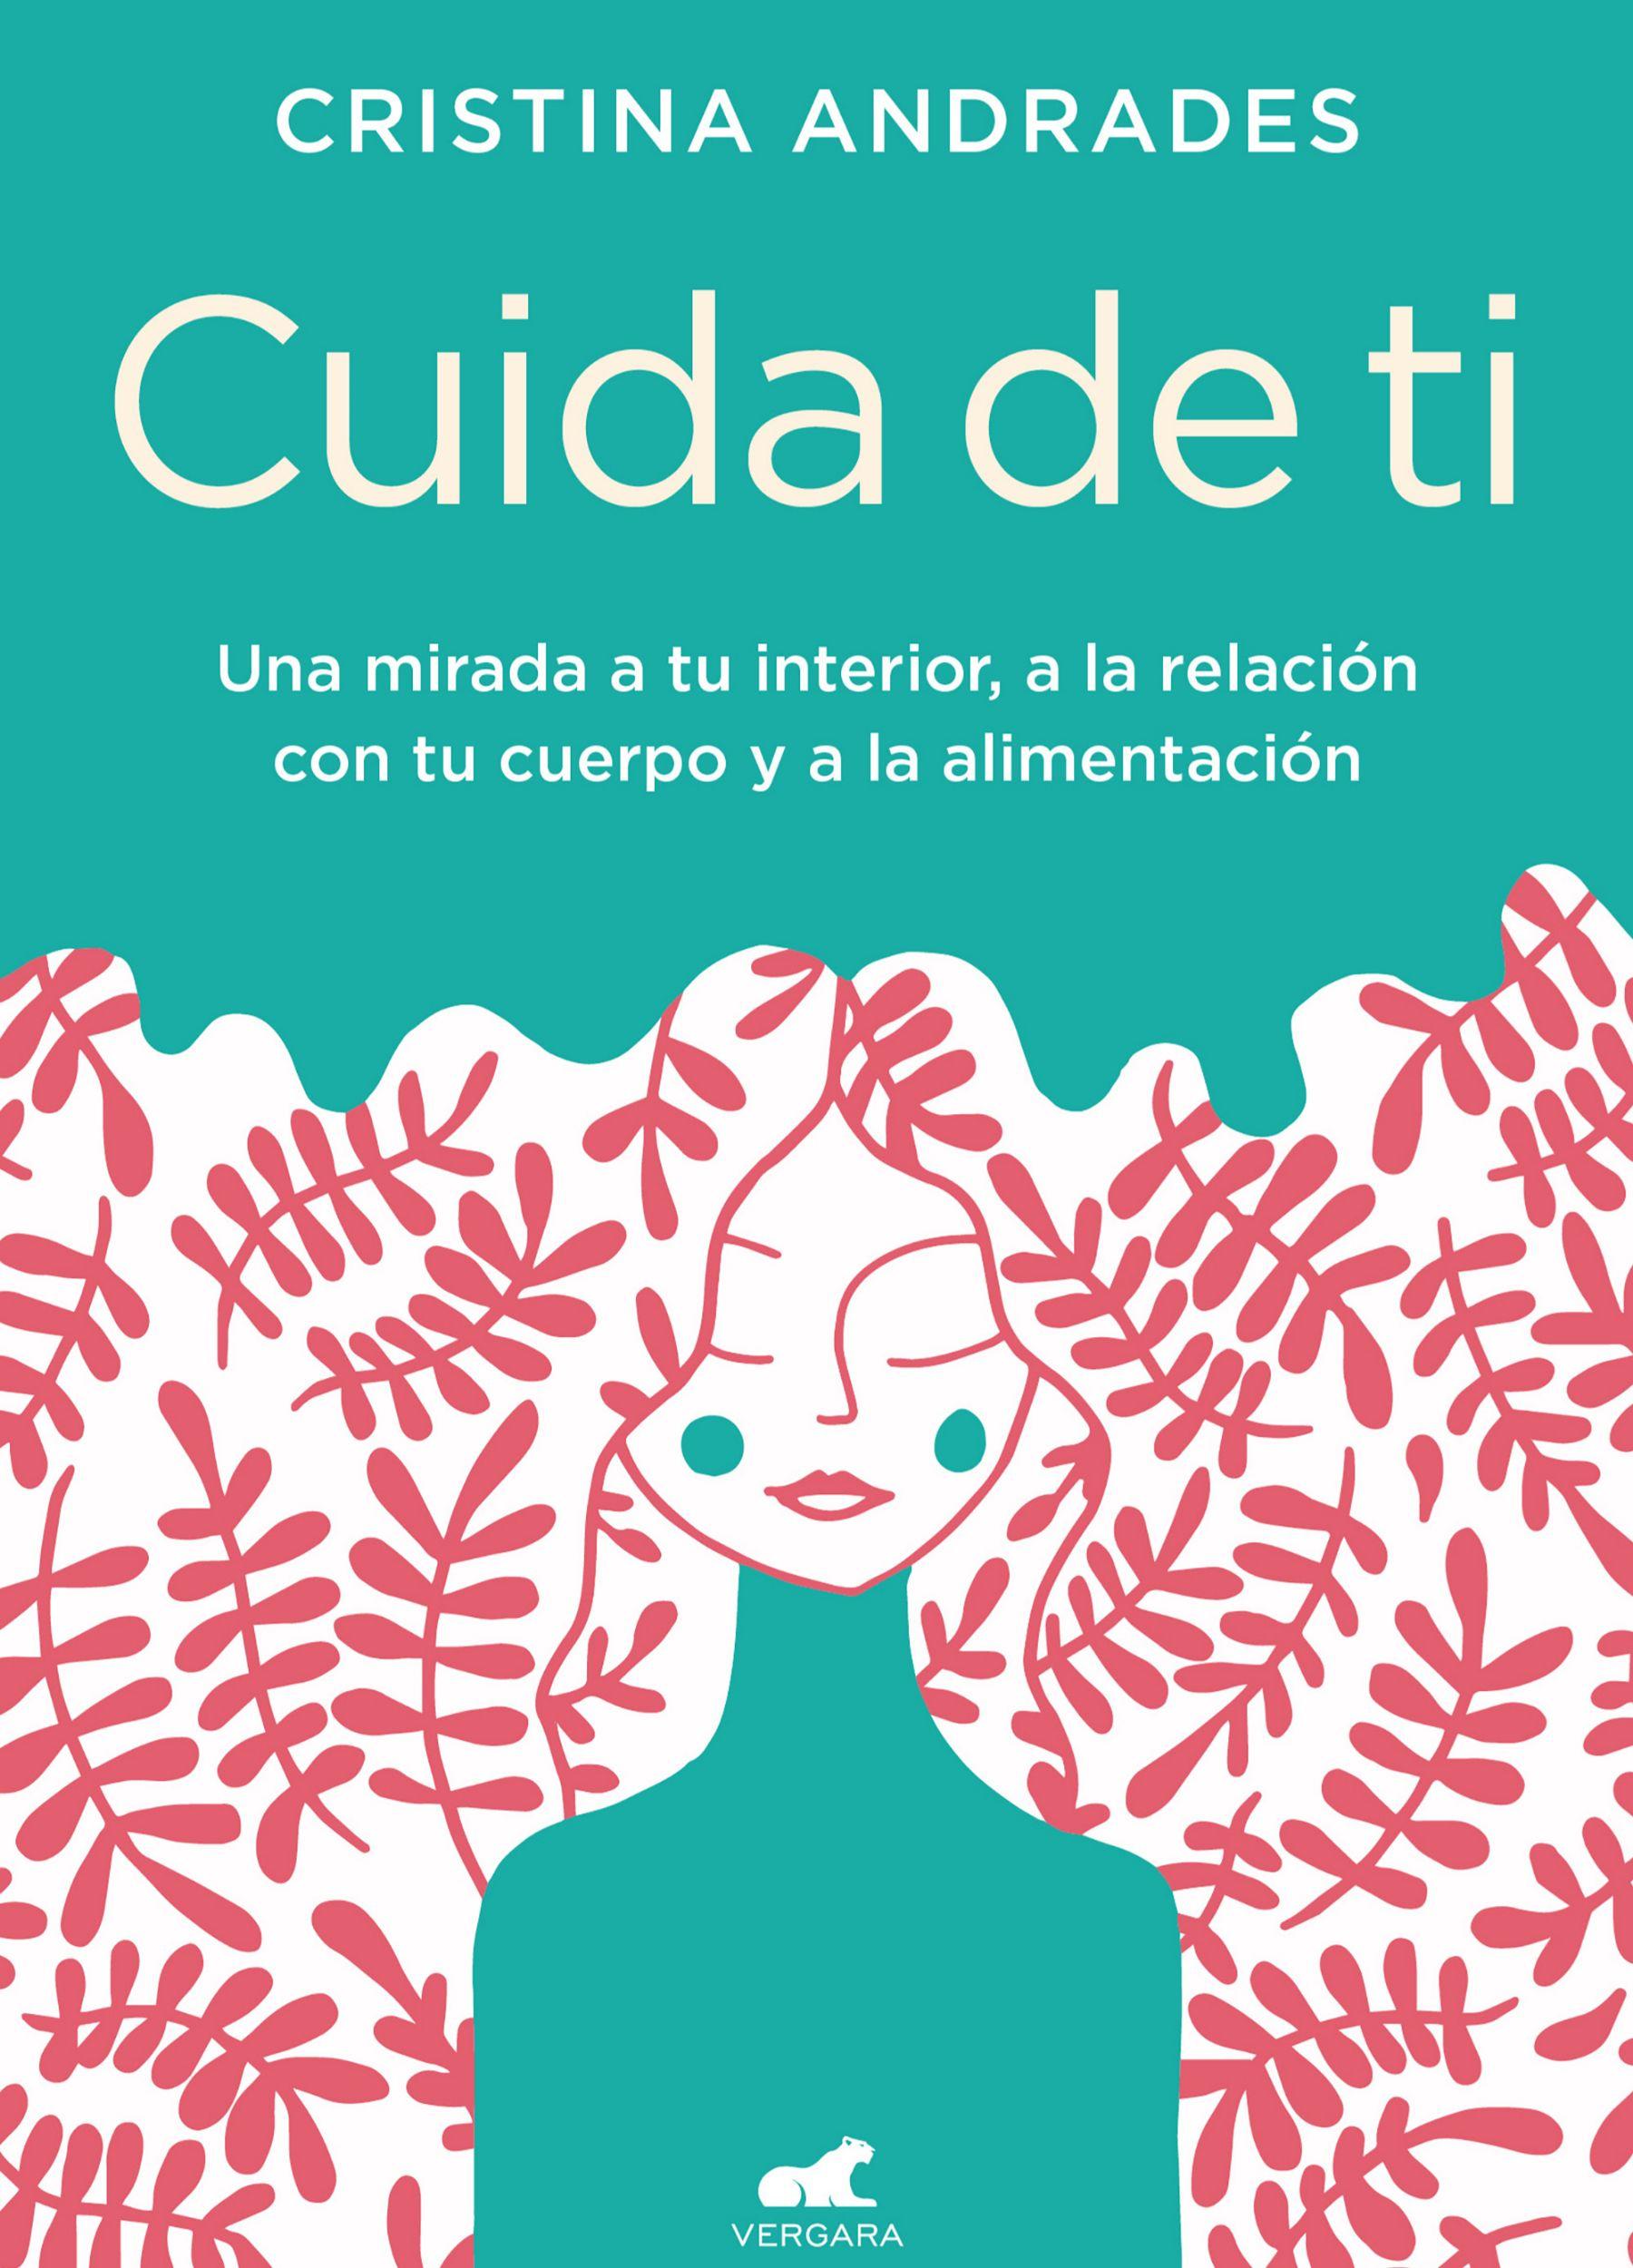 Cuida de ti, de la psicóloga Cristina Andrades